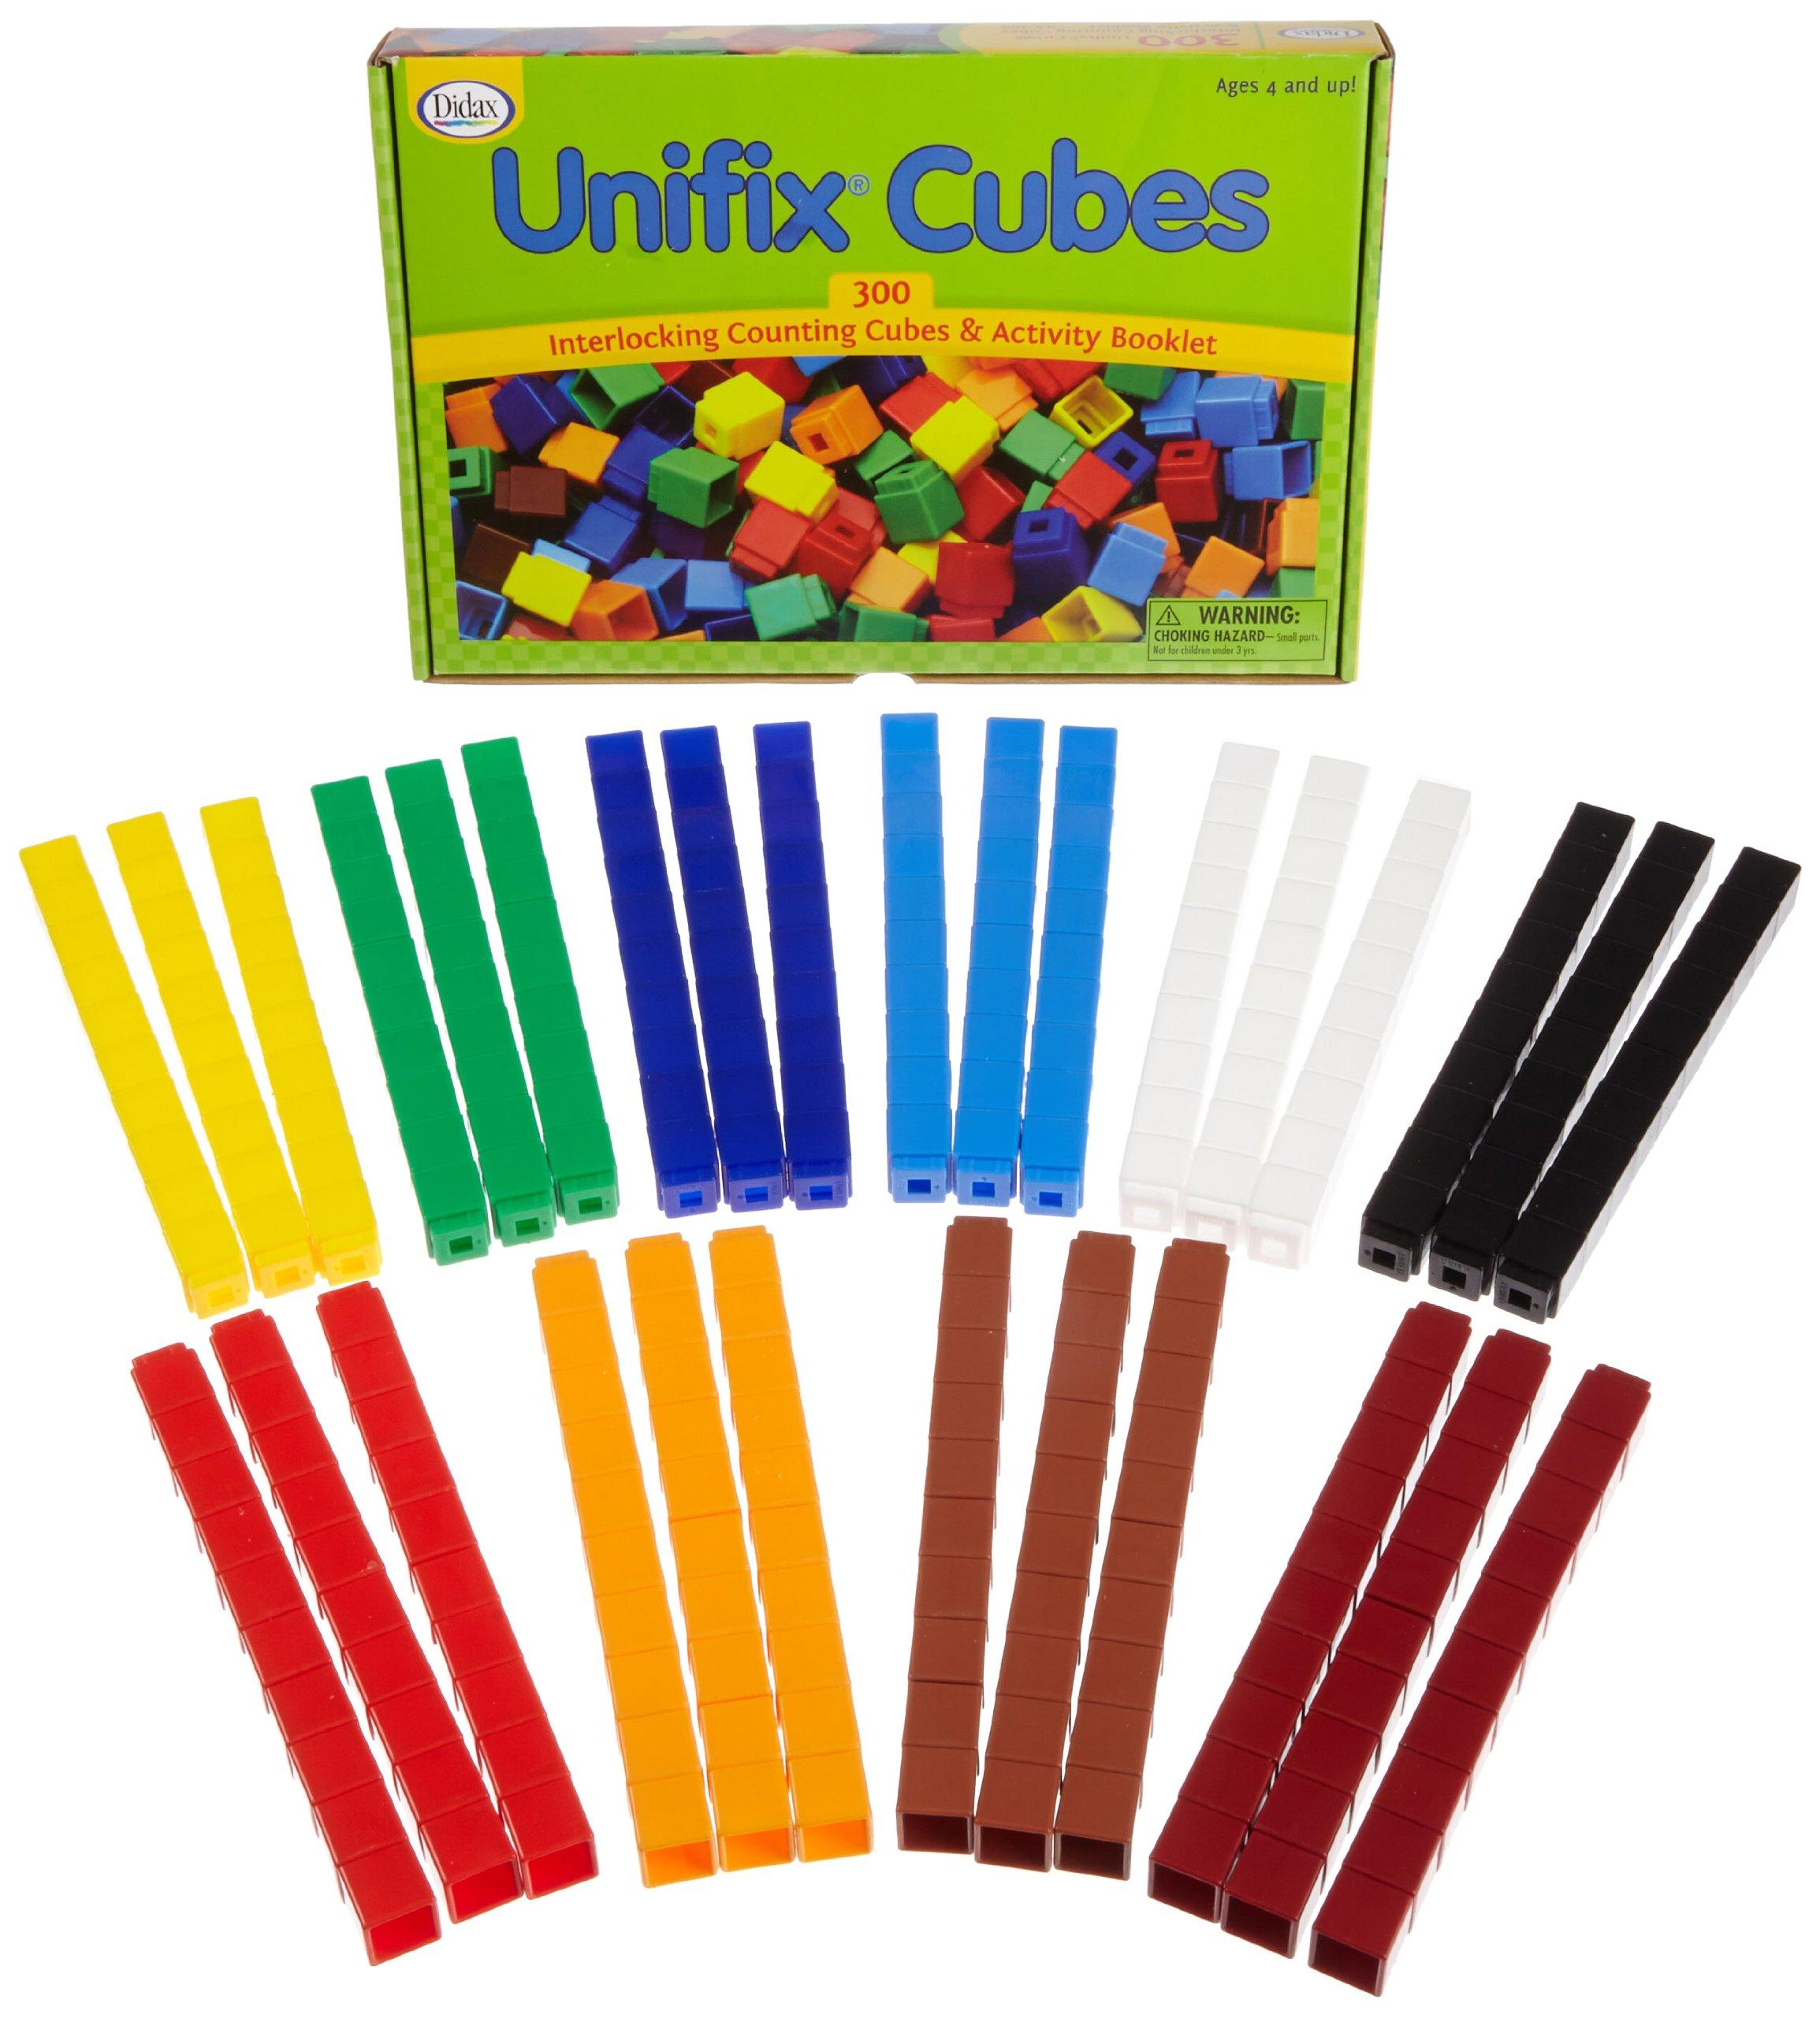 Unifix Cubes - Package of 300 - 10 Colors by Unifix